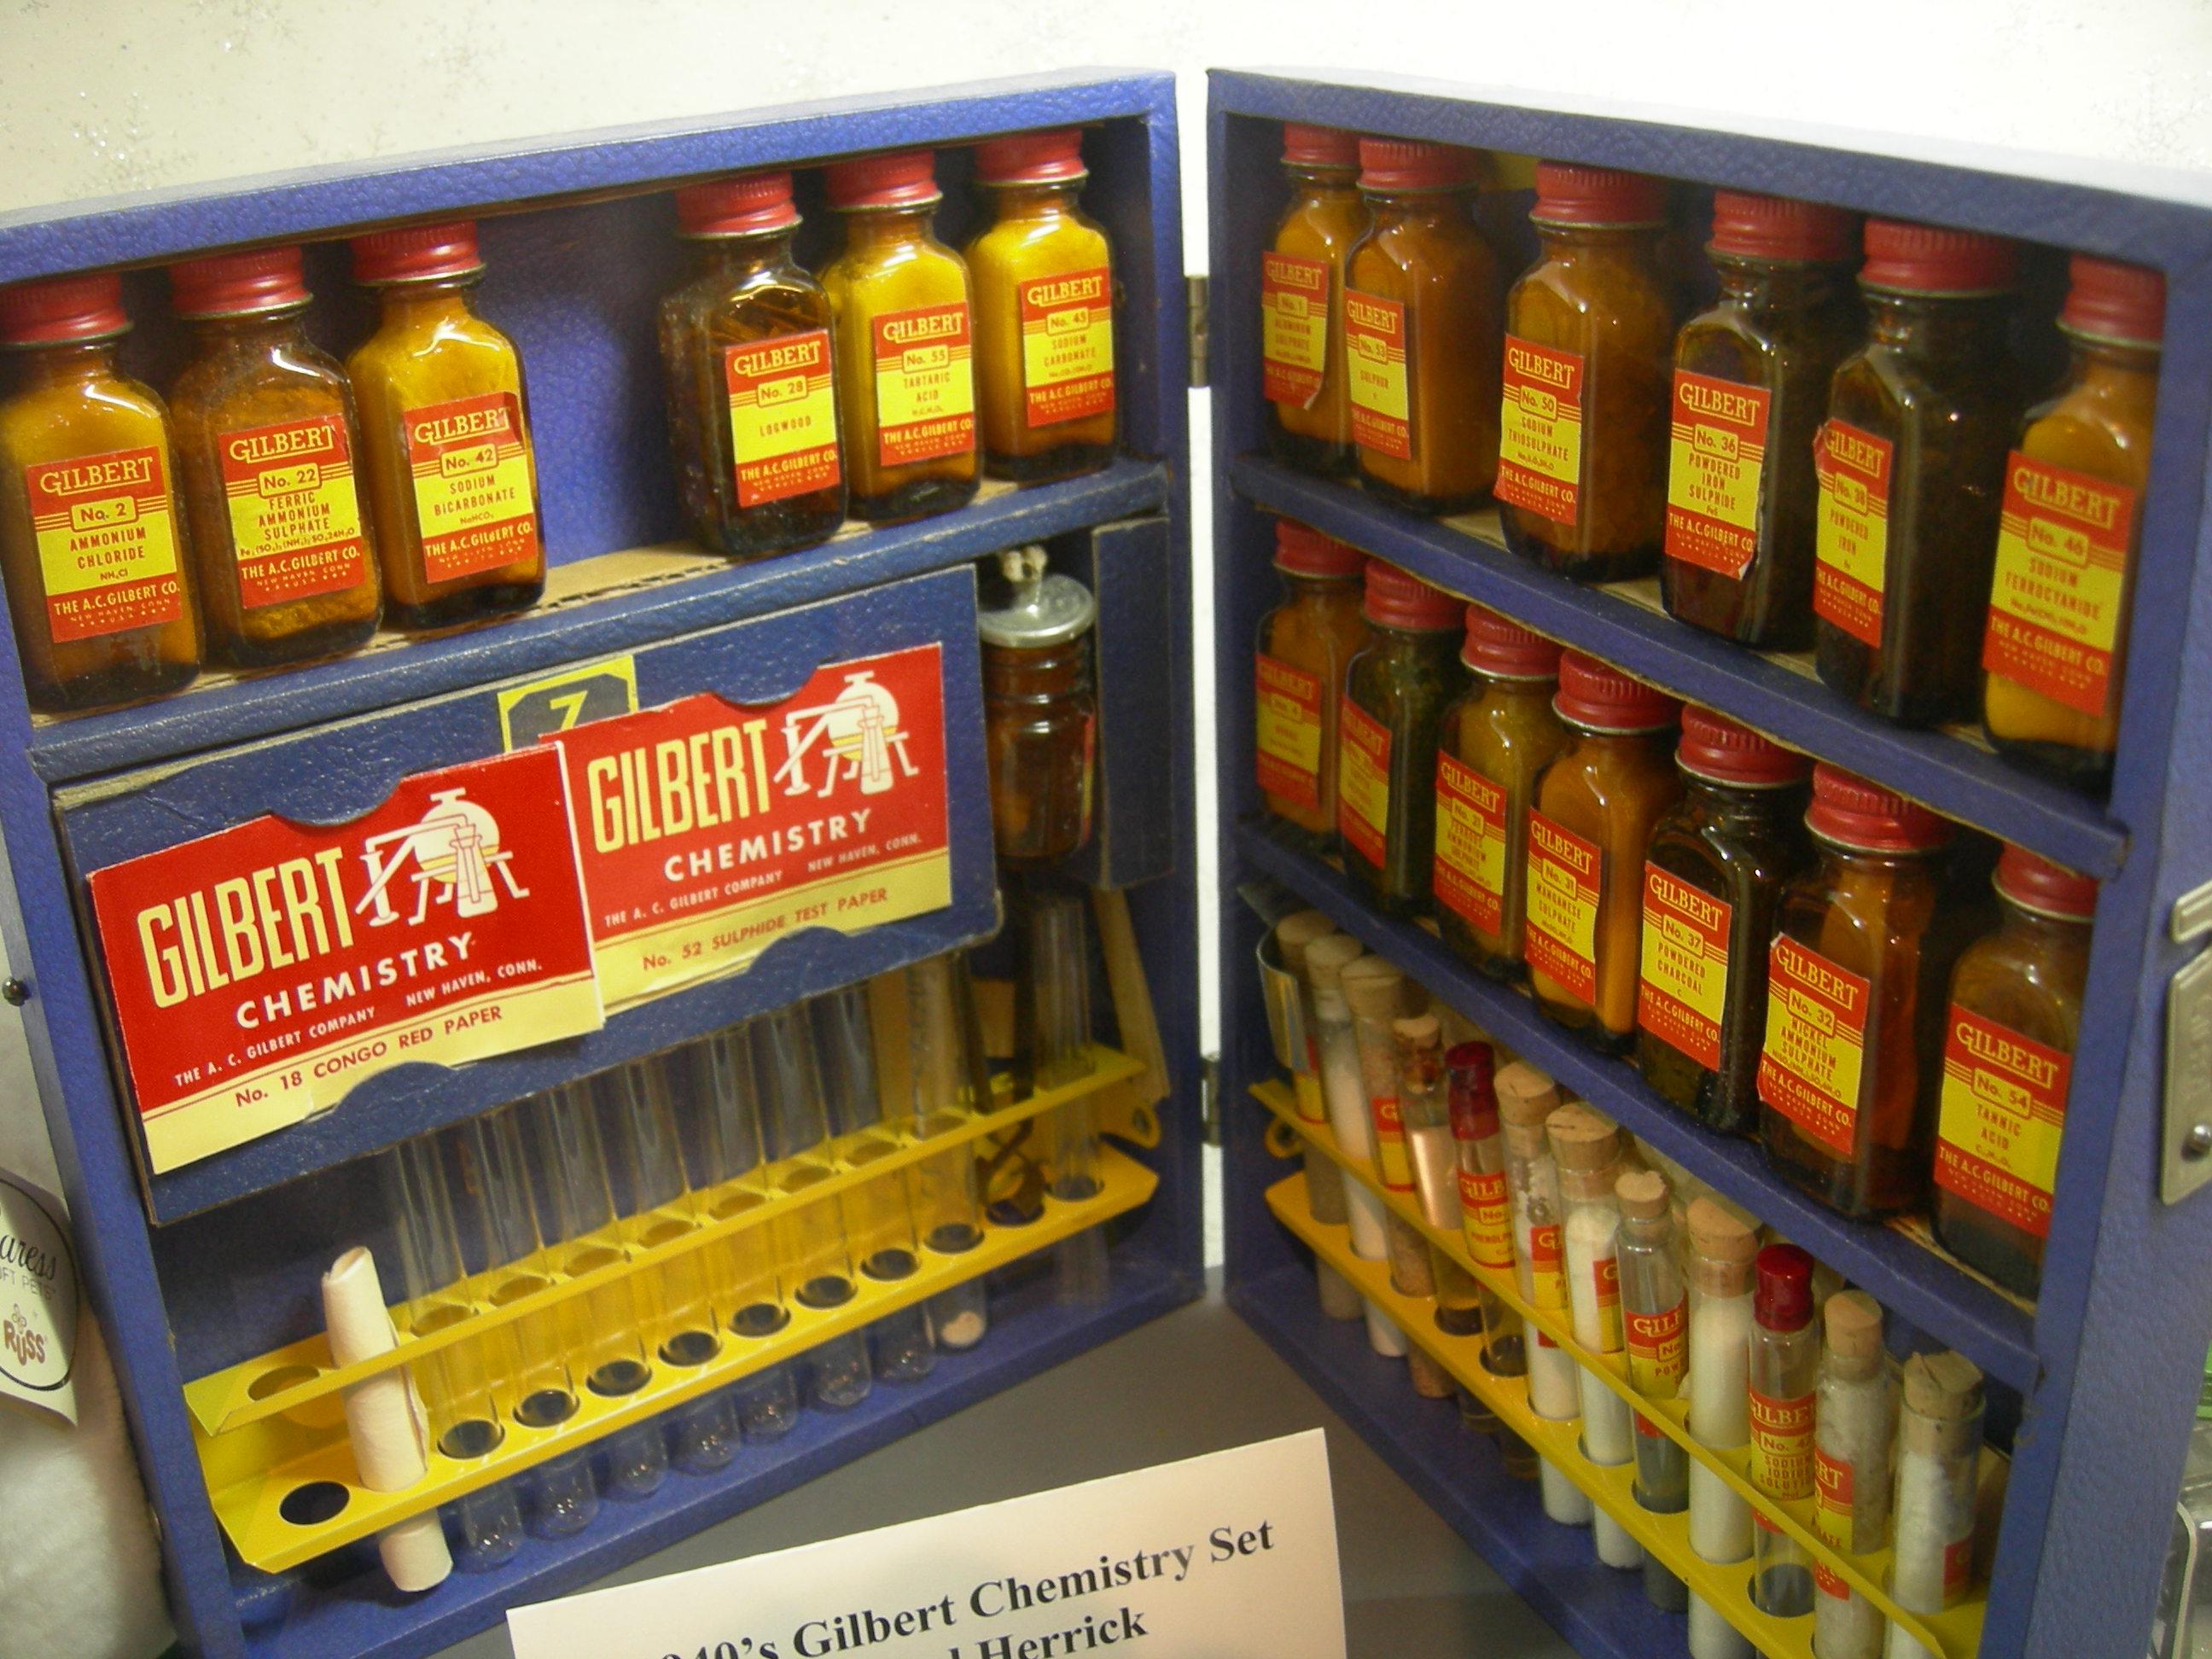 1940s_Gilbert_chemistry_set_04.jpg